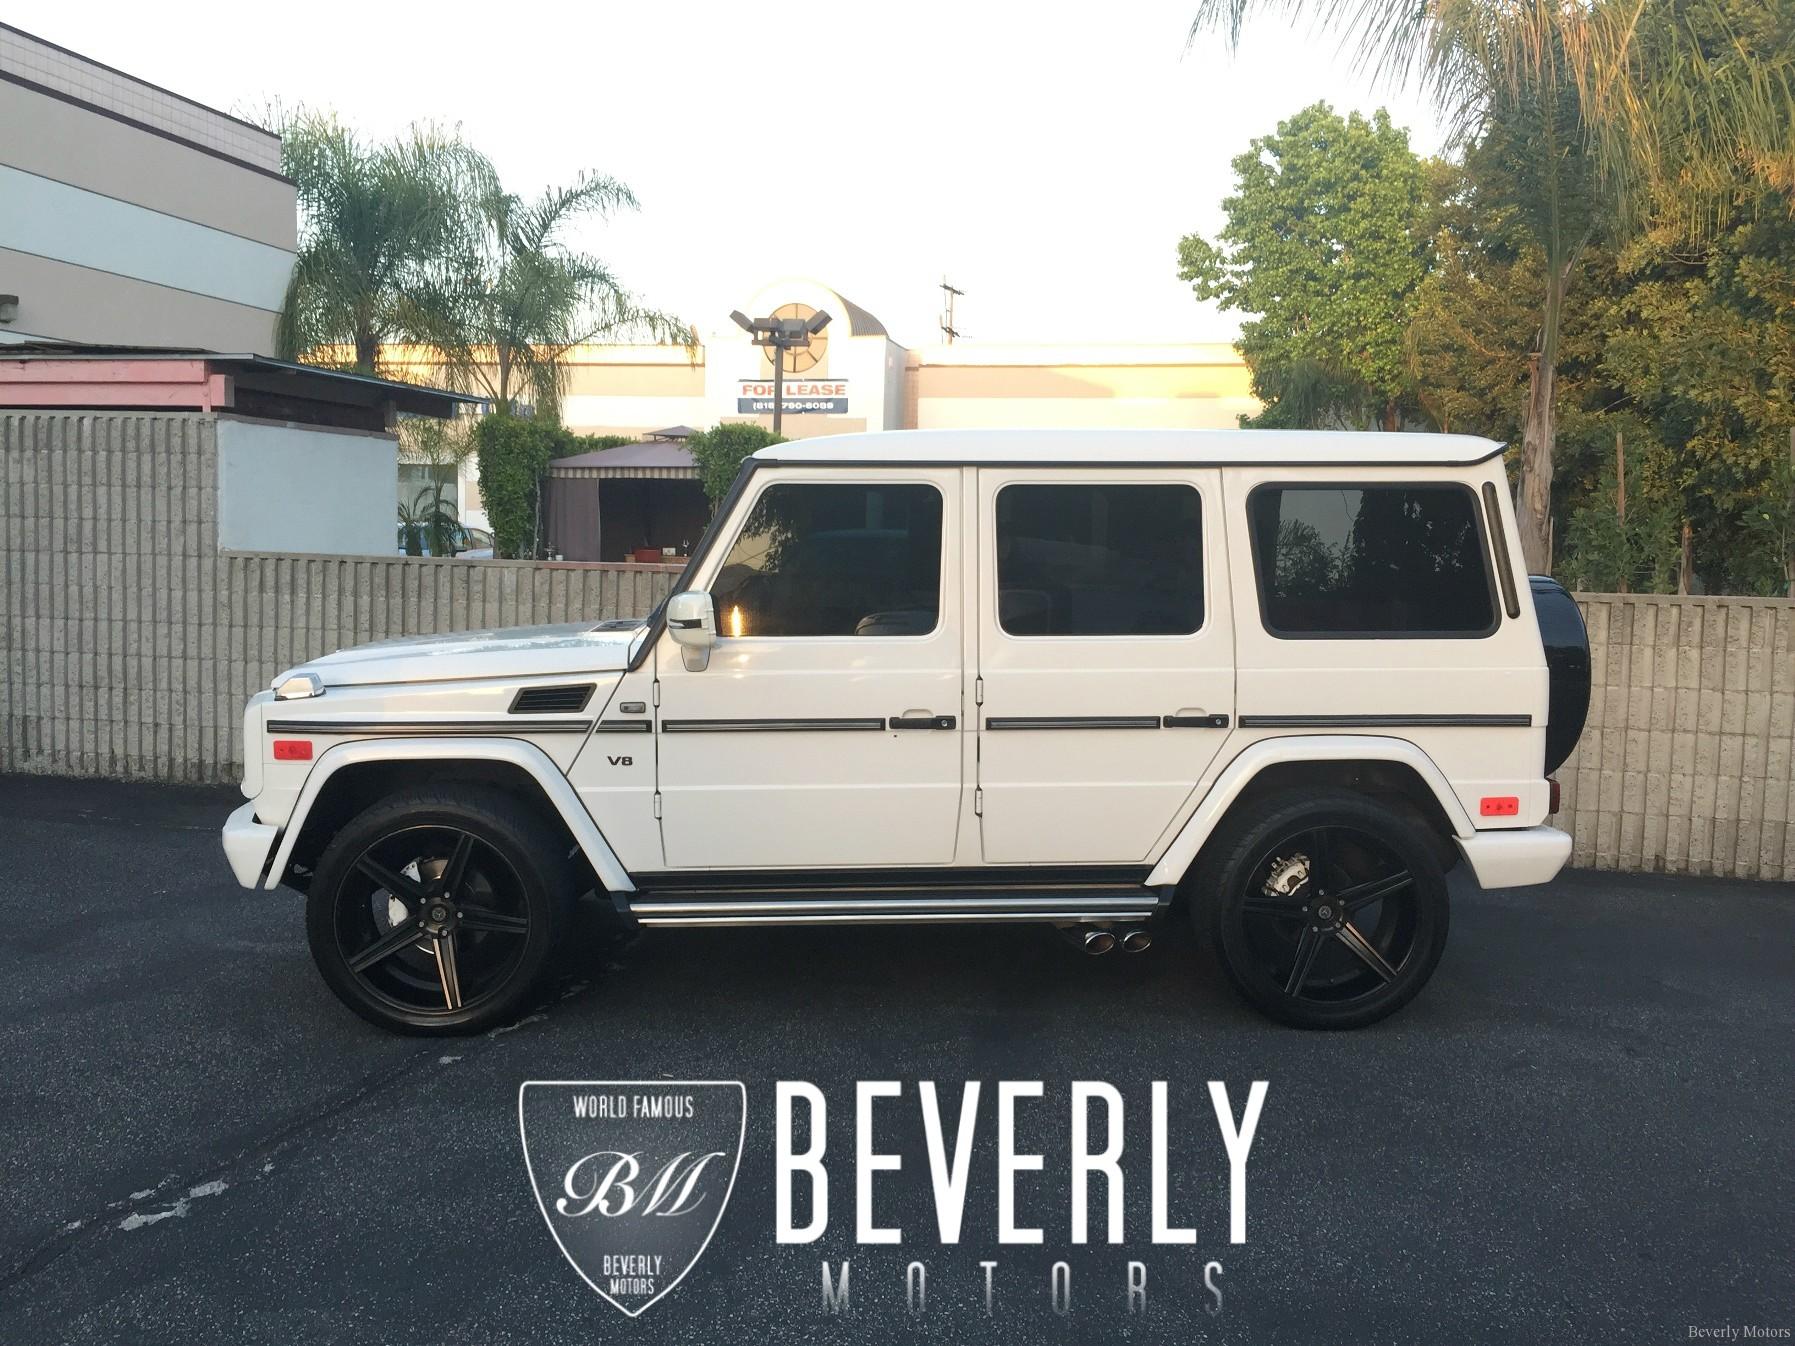 2002 mercedes benz g500 white on black g55 g550 amg brabus gwagon gwagen gelik wald black bison hamann g class for sale 72 - Mercedes G Class 2015 Black